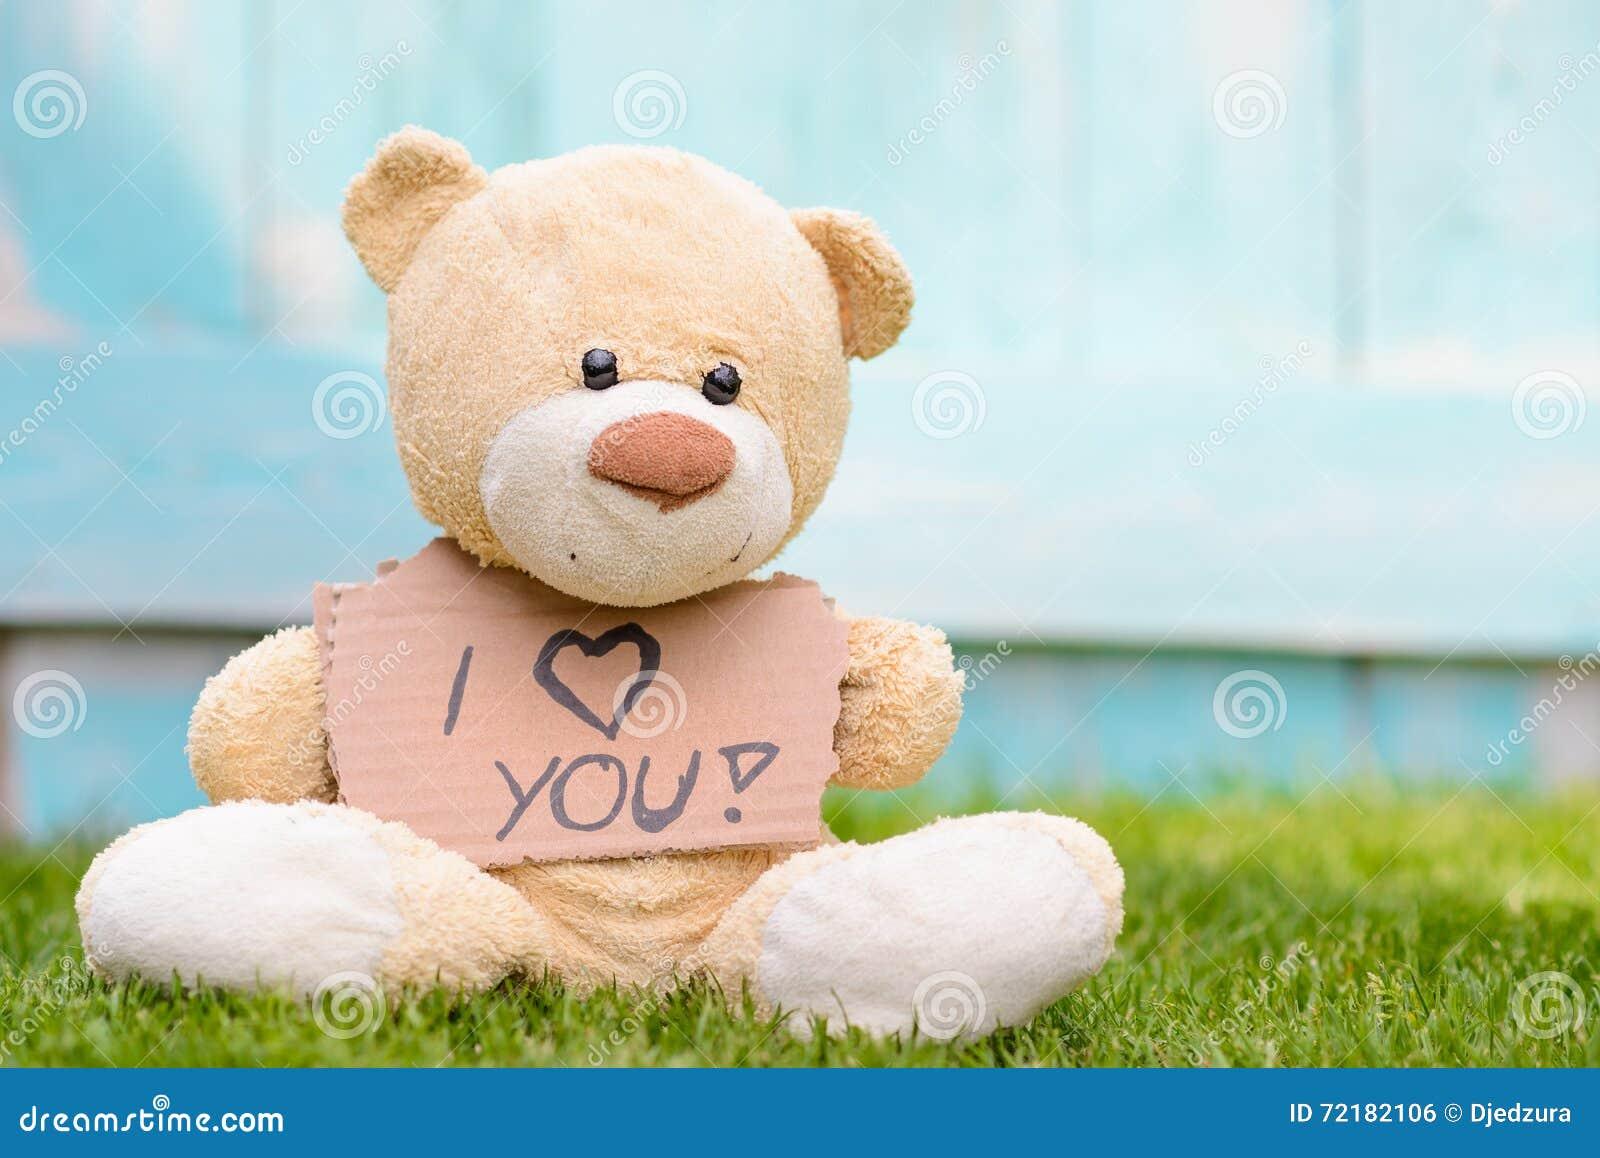 Holding ti Cartone informazioni Bear di delle con foto amo Teddy la HWEb9Y2eDI